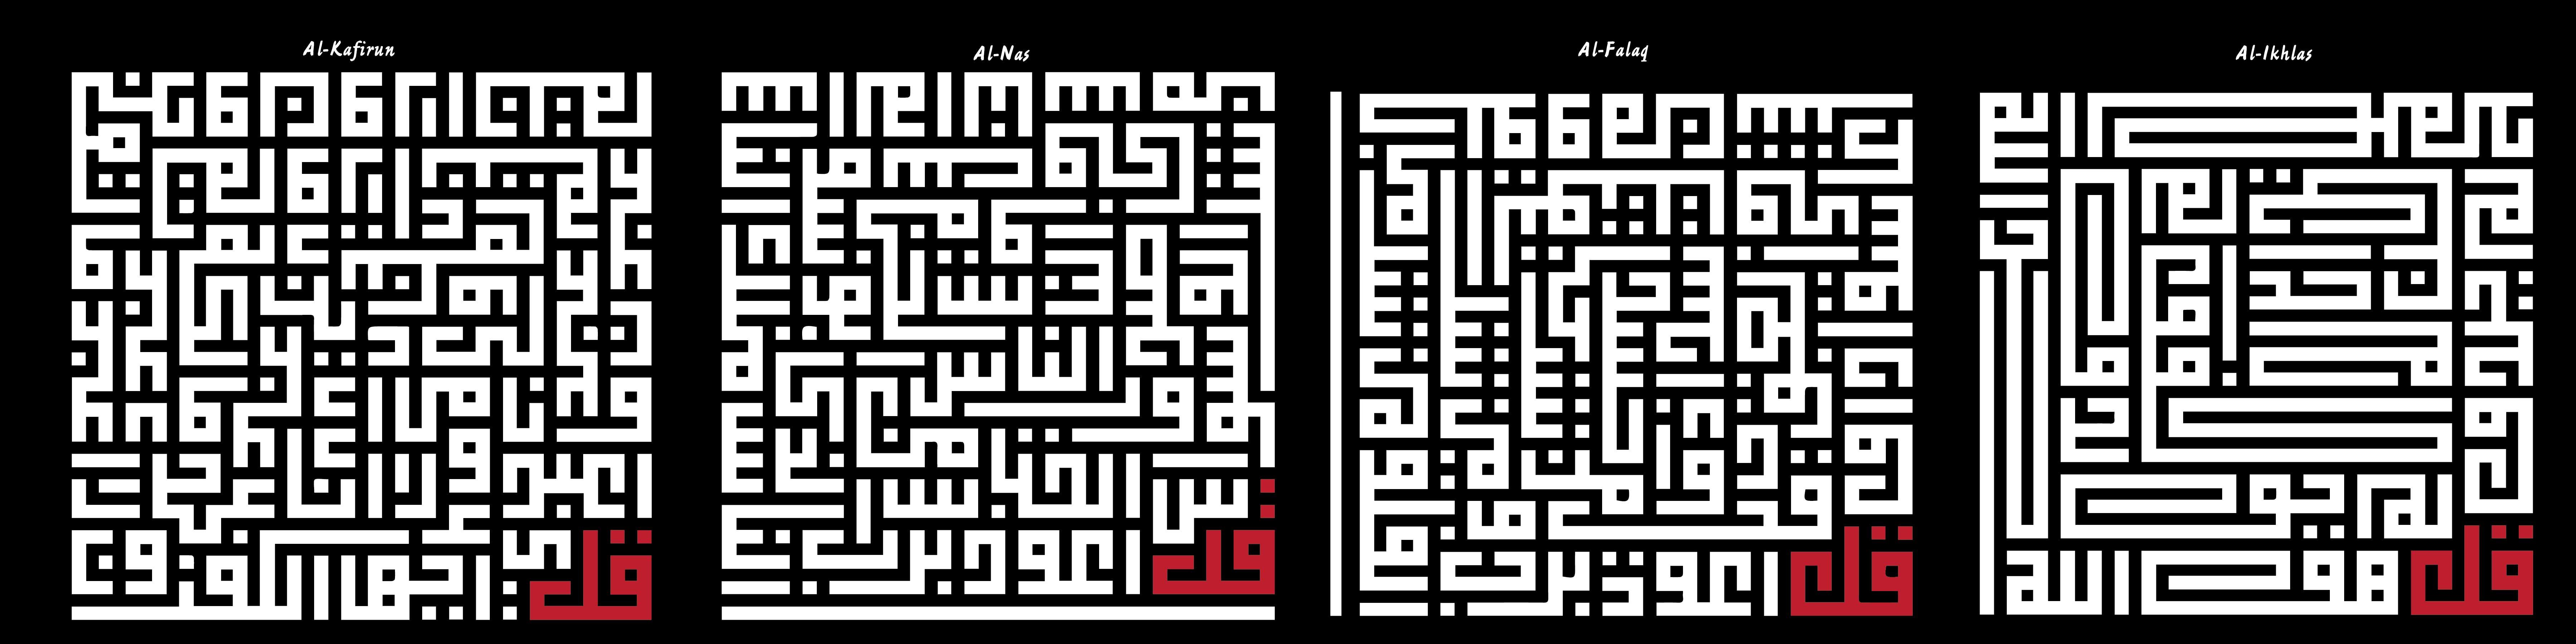 الخطوط الإسلامية مجانا أربع سور بالخط الكوفي